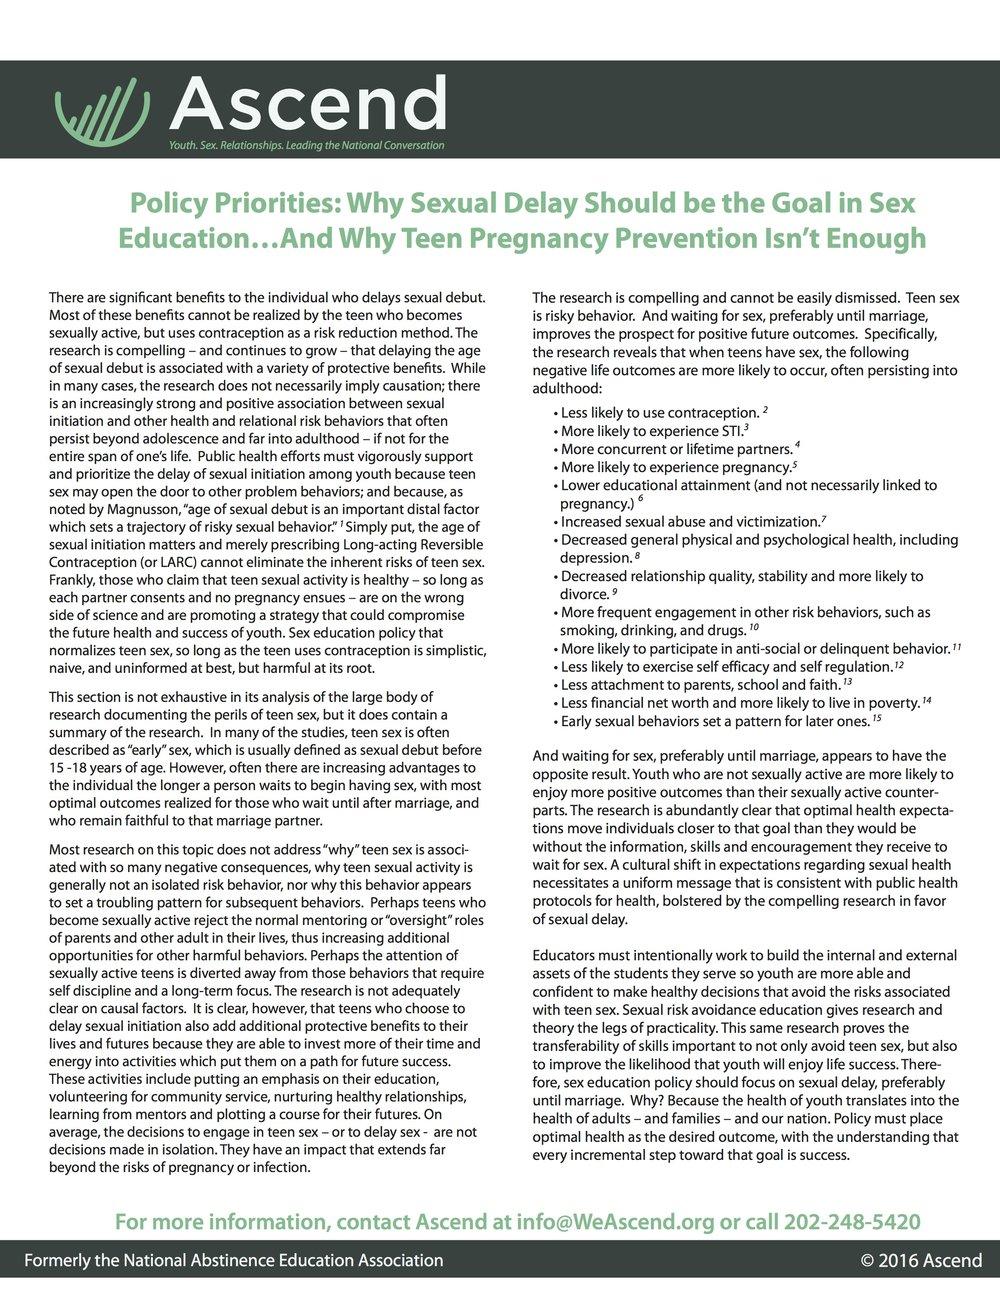 5.Sexual Delay Priorities.jpg